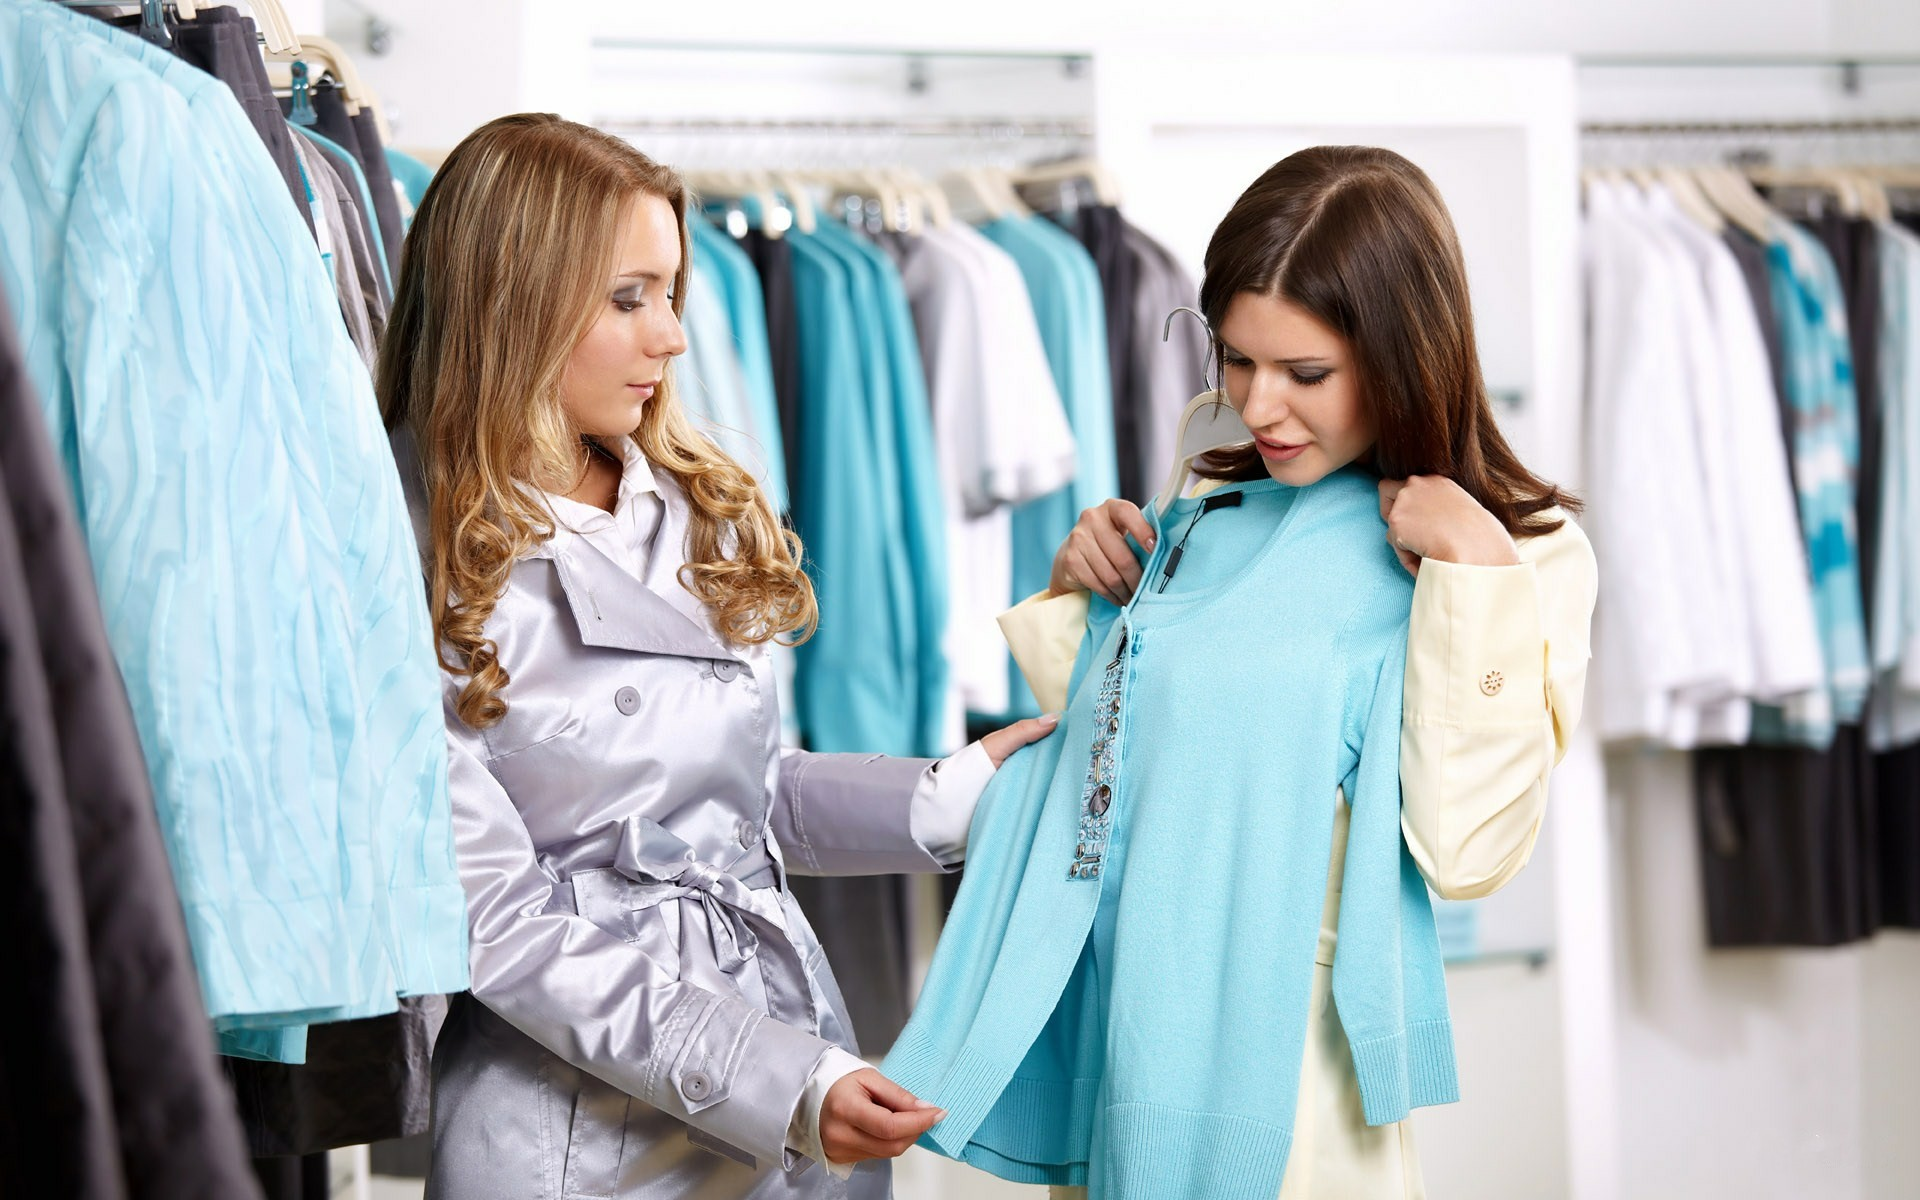 oshibki v mode kotorye nuzhno izbegat